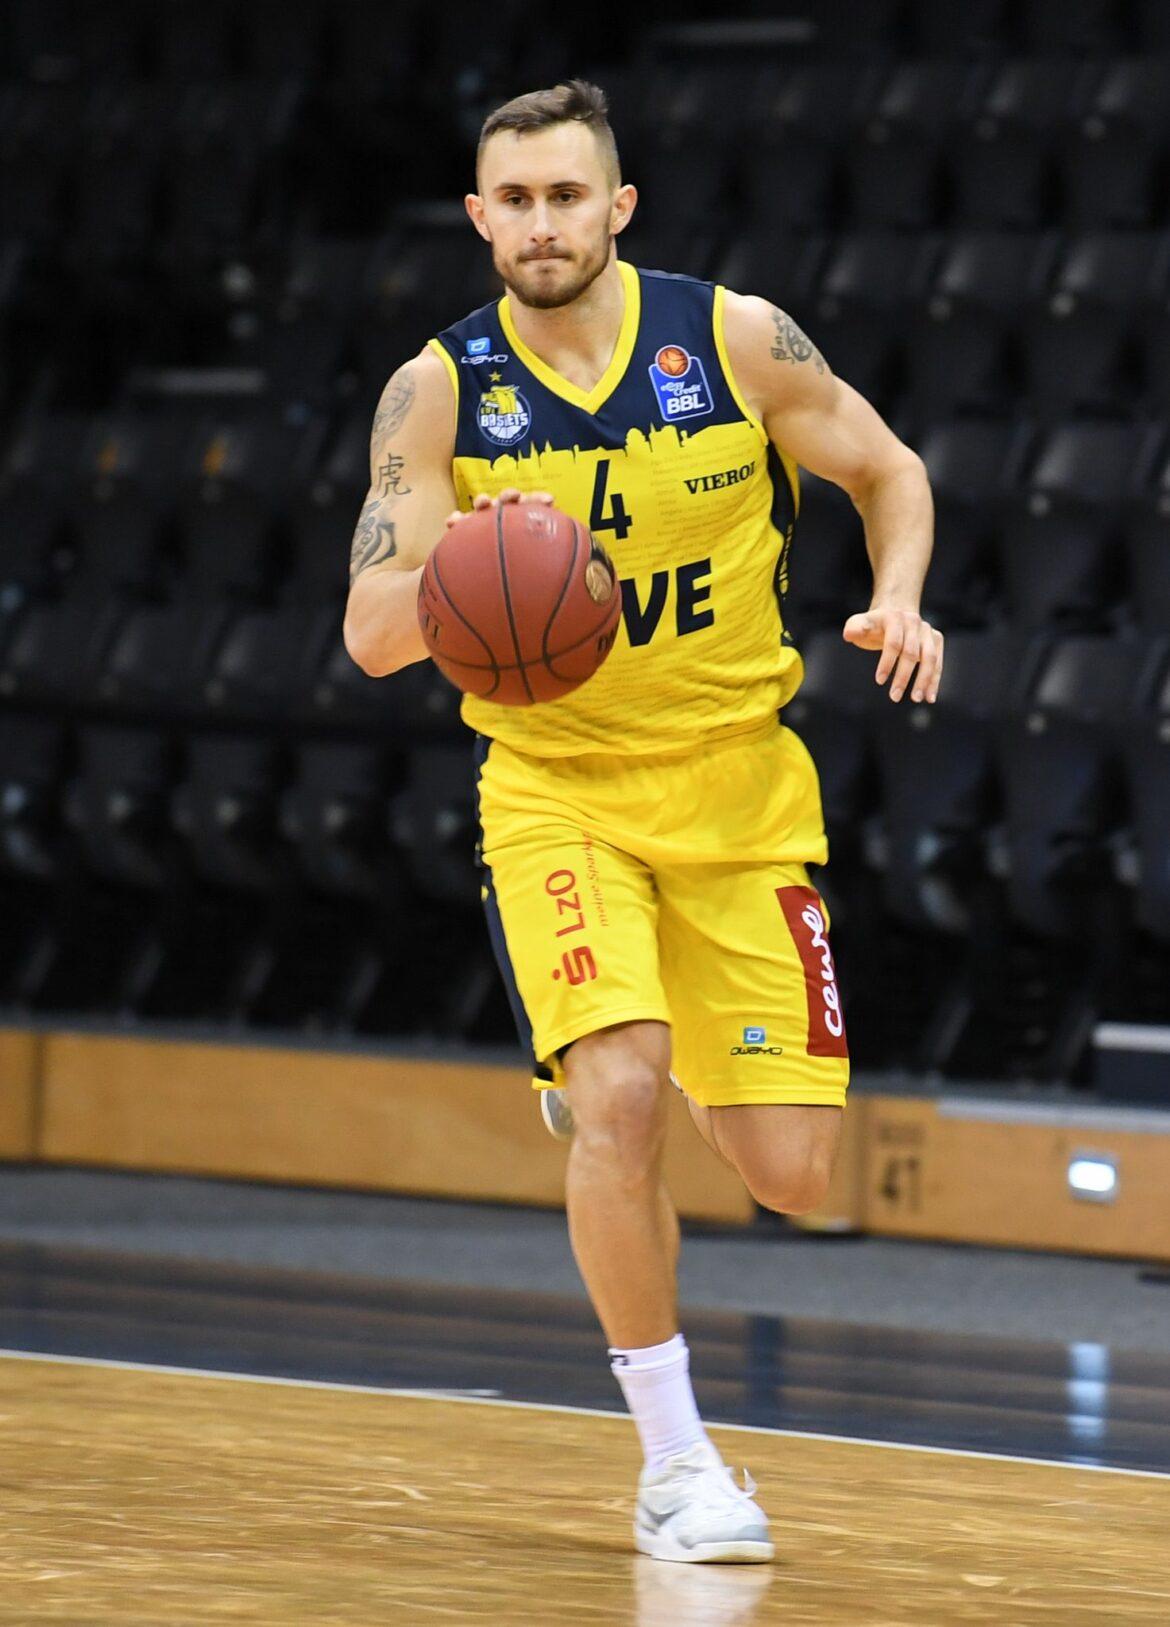 Oldenburger Basketballer sichern Platz drei